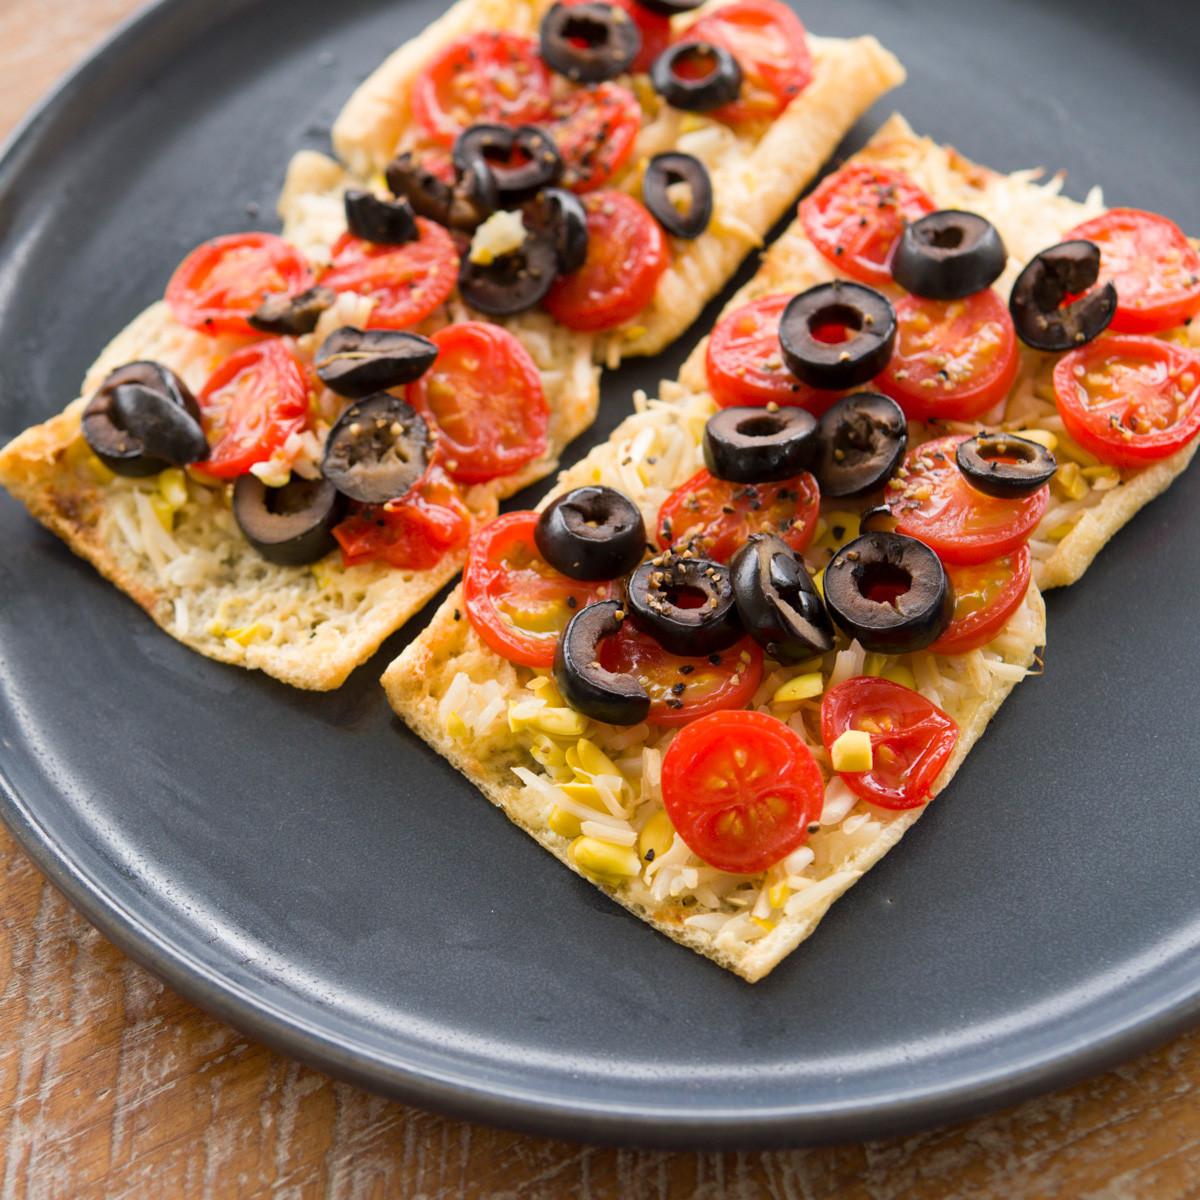 【ダイエットにもおすすめの食事やメニューは? Atsushi流レシピ】_豆もやし+トマト「豆もやしとトマトの油揚げマヨピザ」